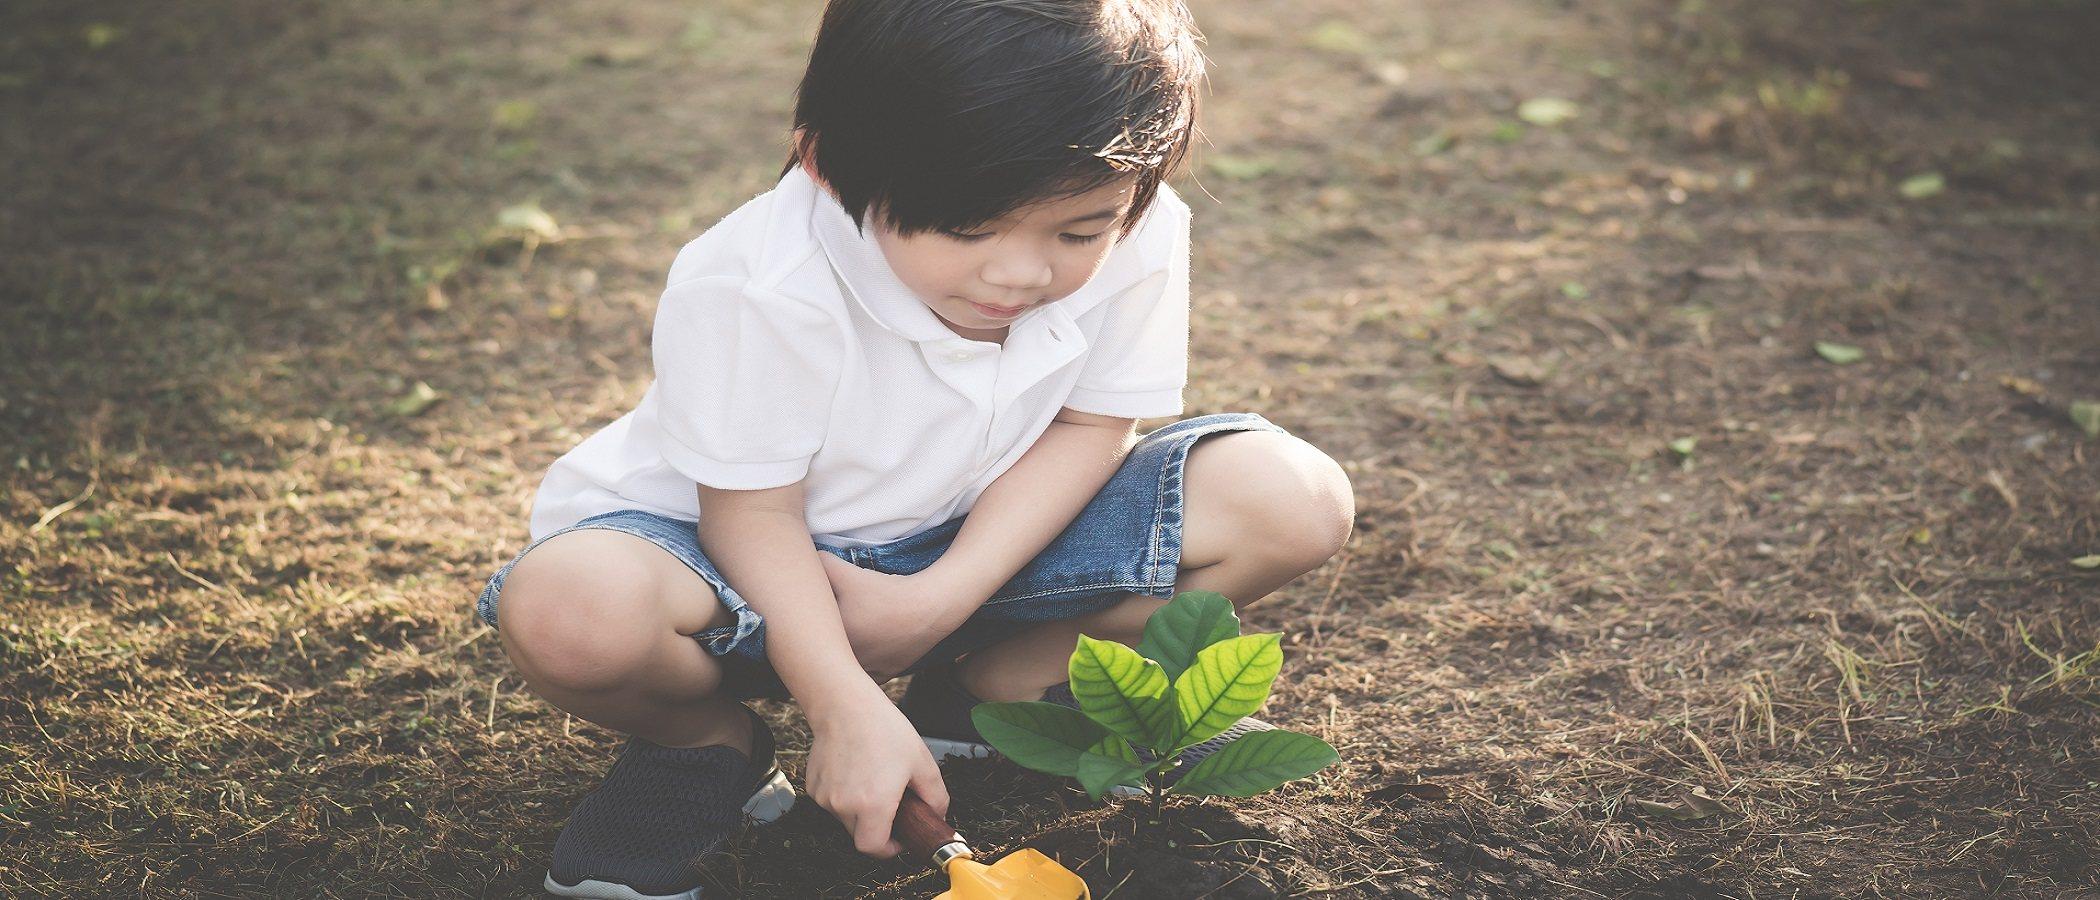 4 actividades prácticas y divertidas para realizar con niños